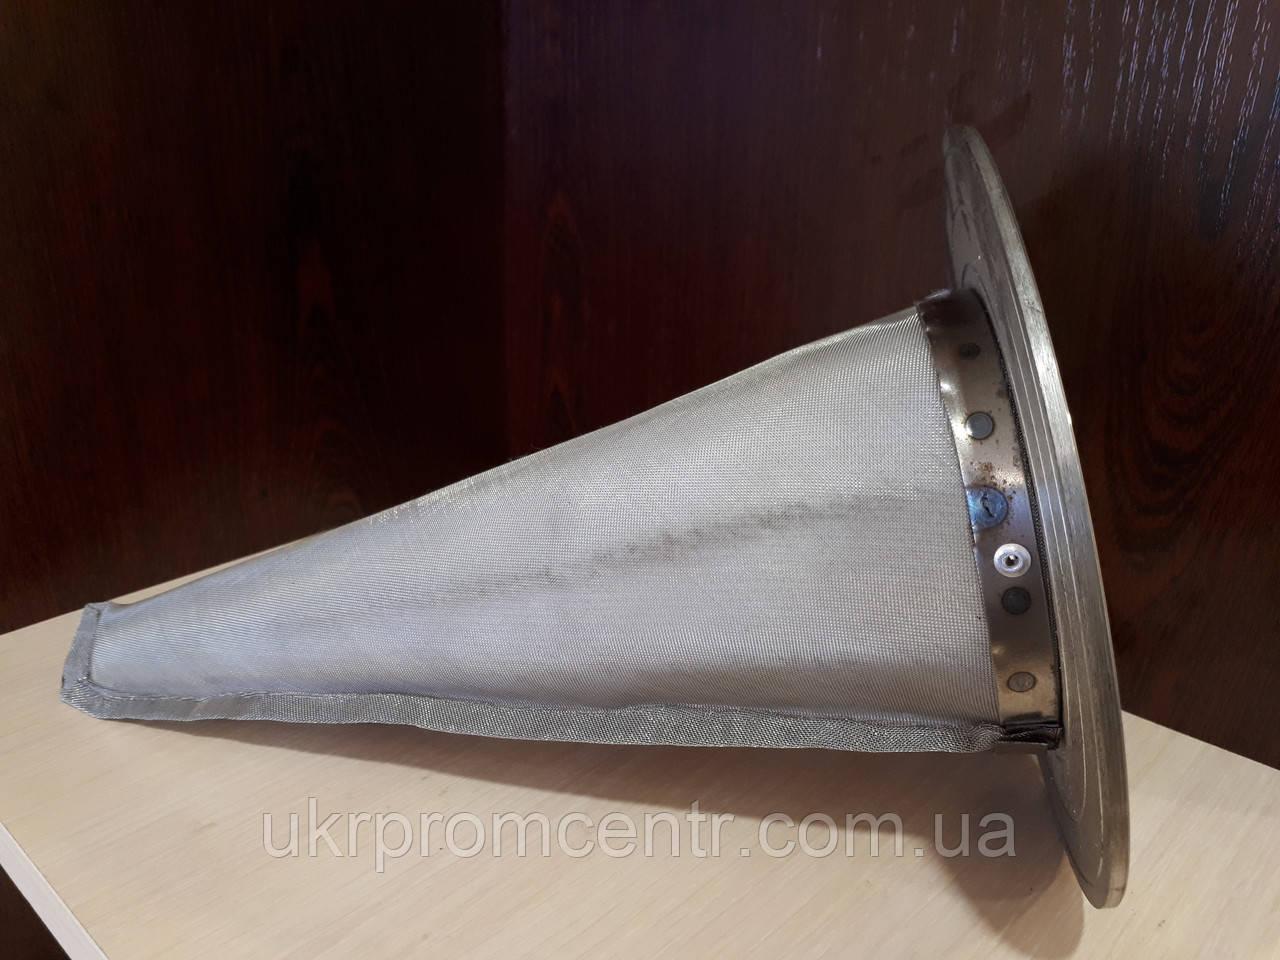 Фильтр газовый вставной ФГВ-40, ФГВ-50, ФГВ-80, ФГВ-100, ФГВ-125, ФГВ-150, ФГВ-200, ФГВ-300